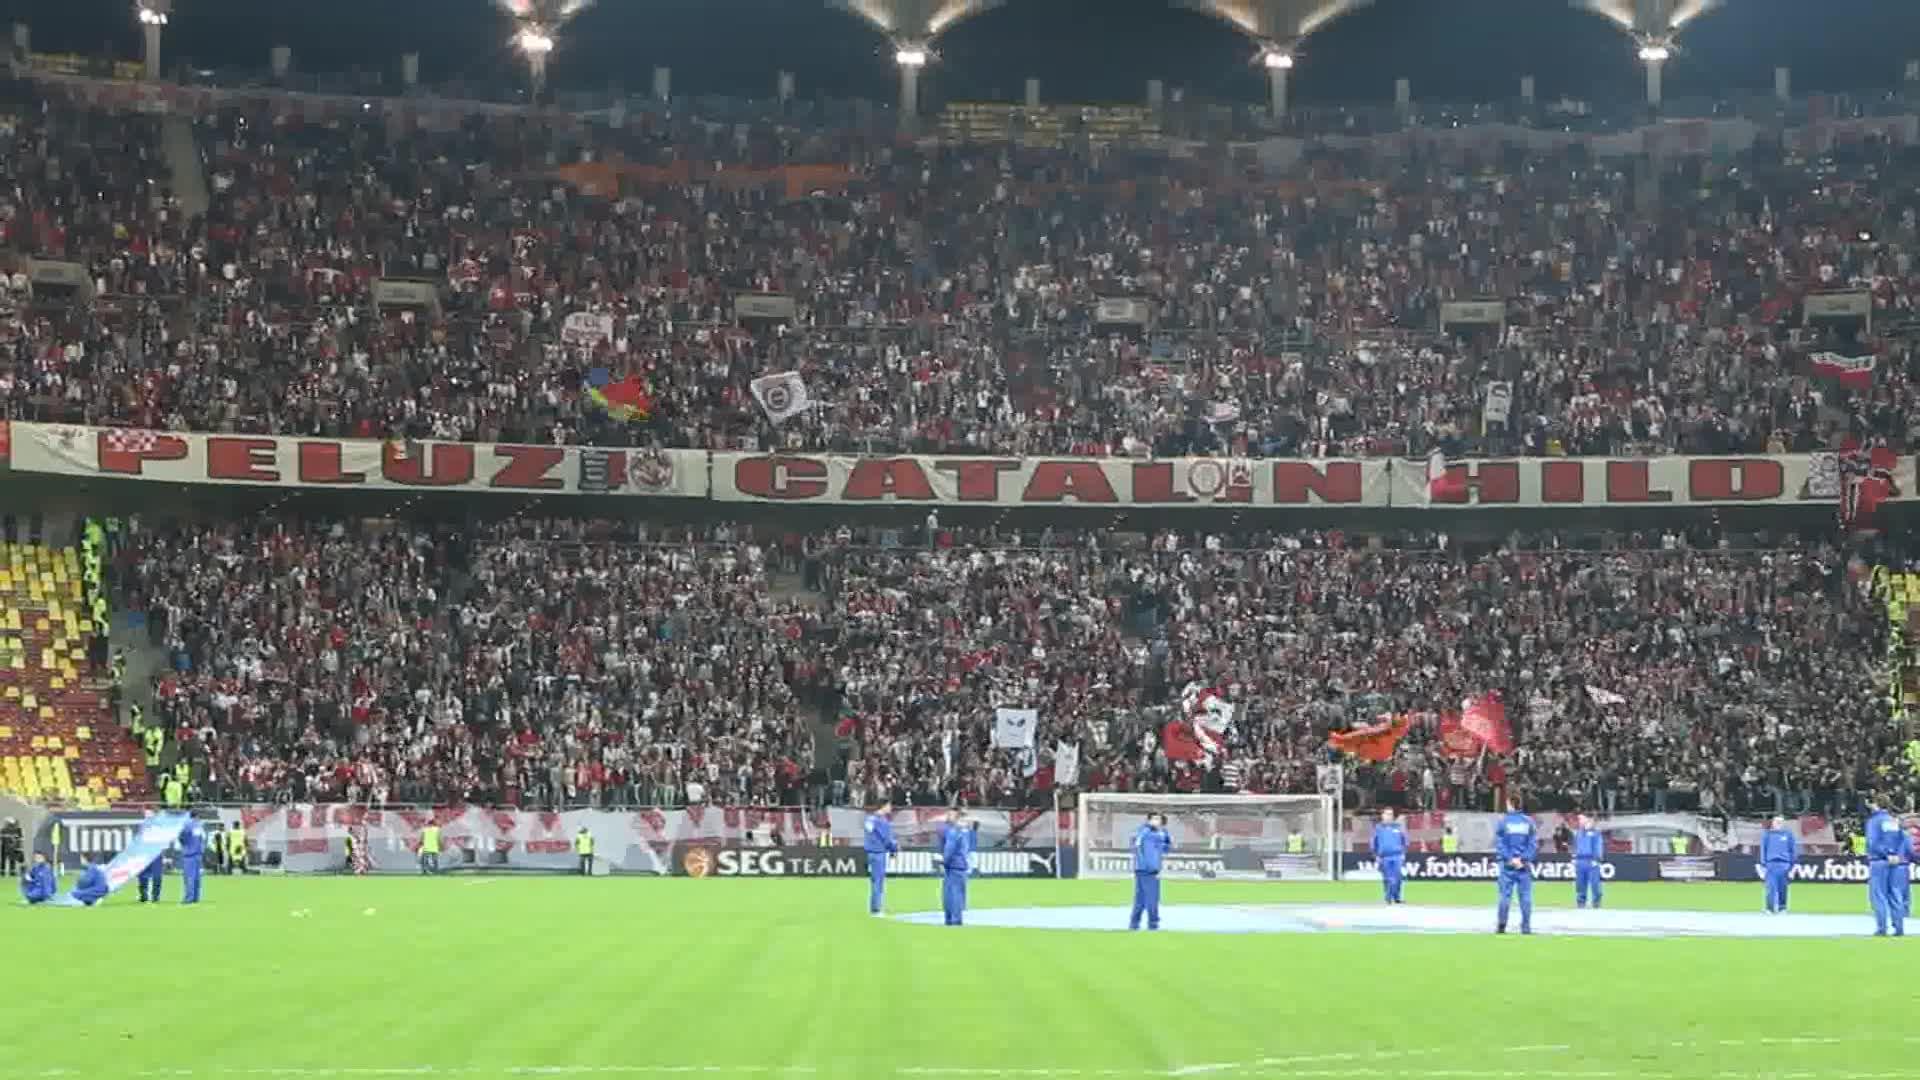 Steaua - Dinamo - 28.03.2014 - 3